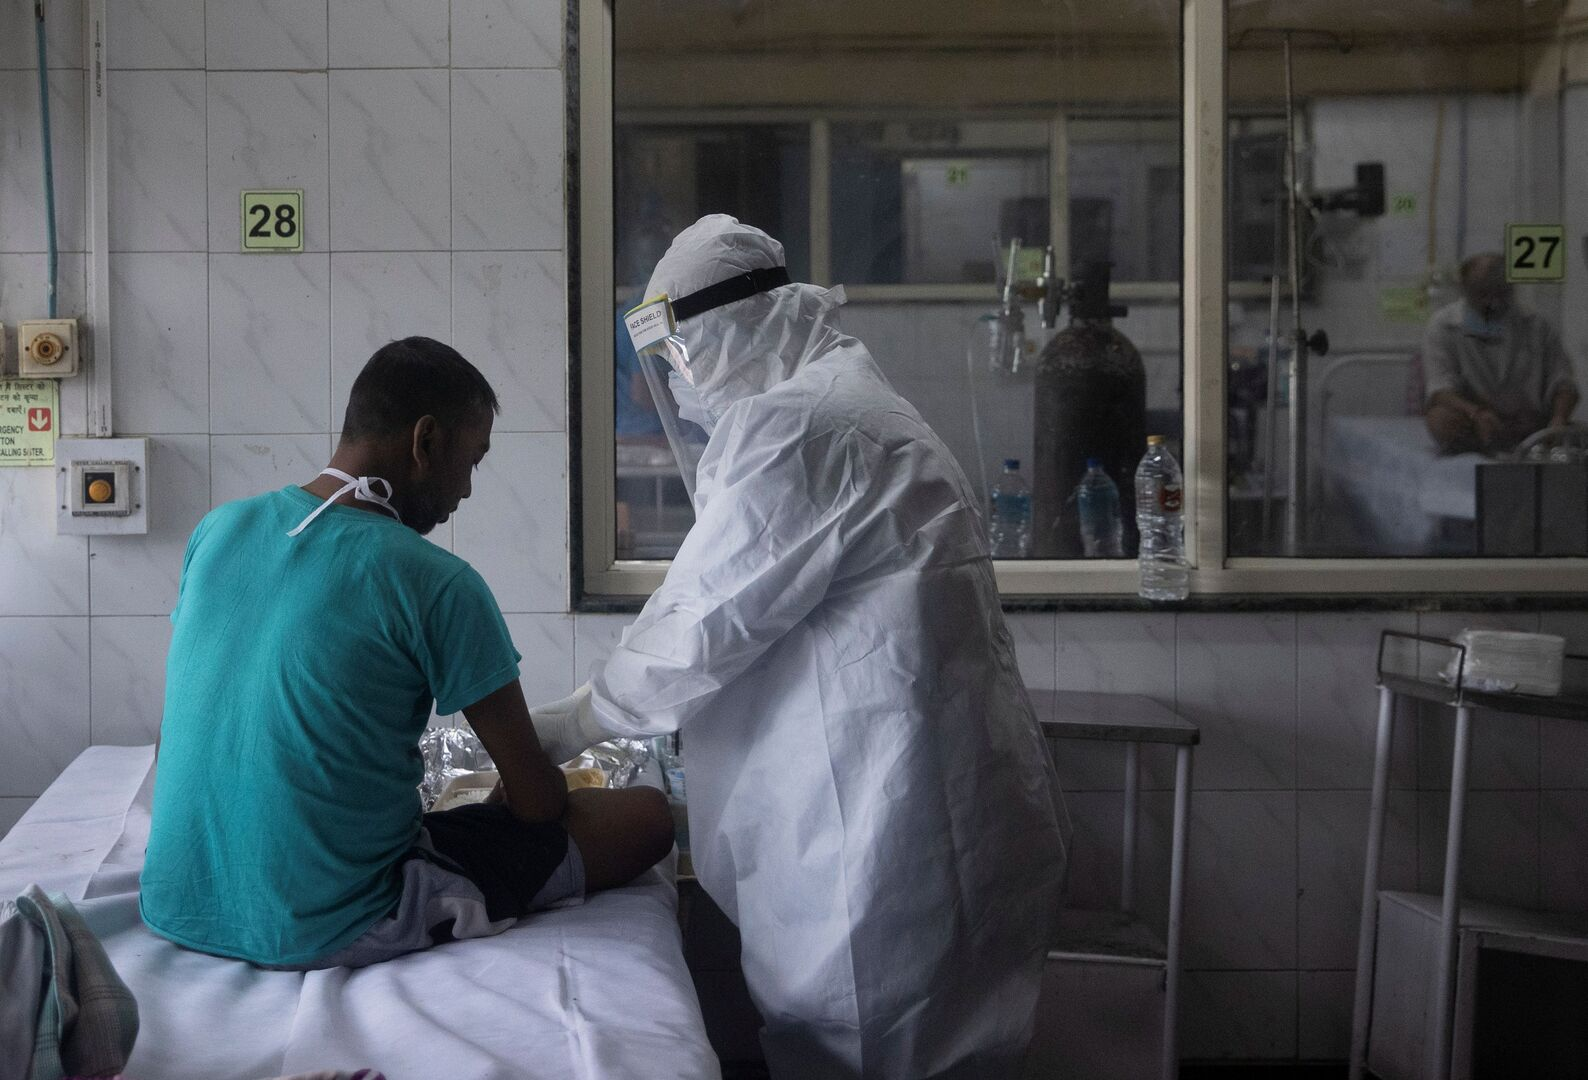 دراسة: ربع سكان نيودلهي أصيبوا بفيروس كورونا